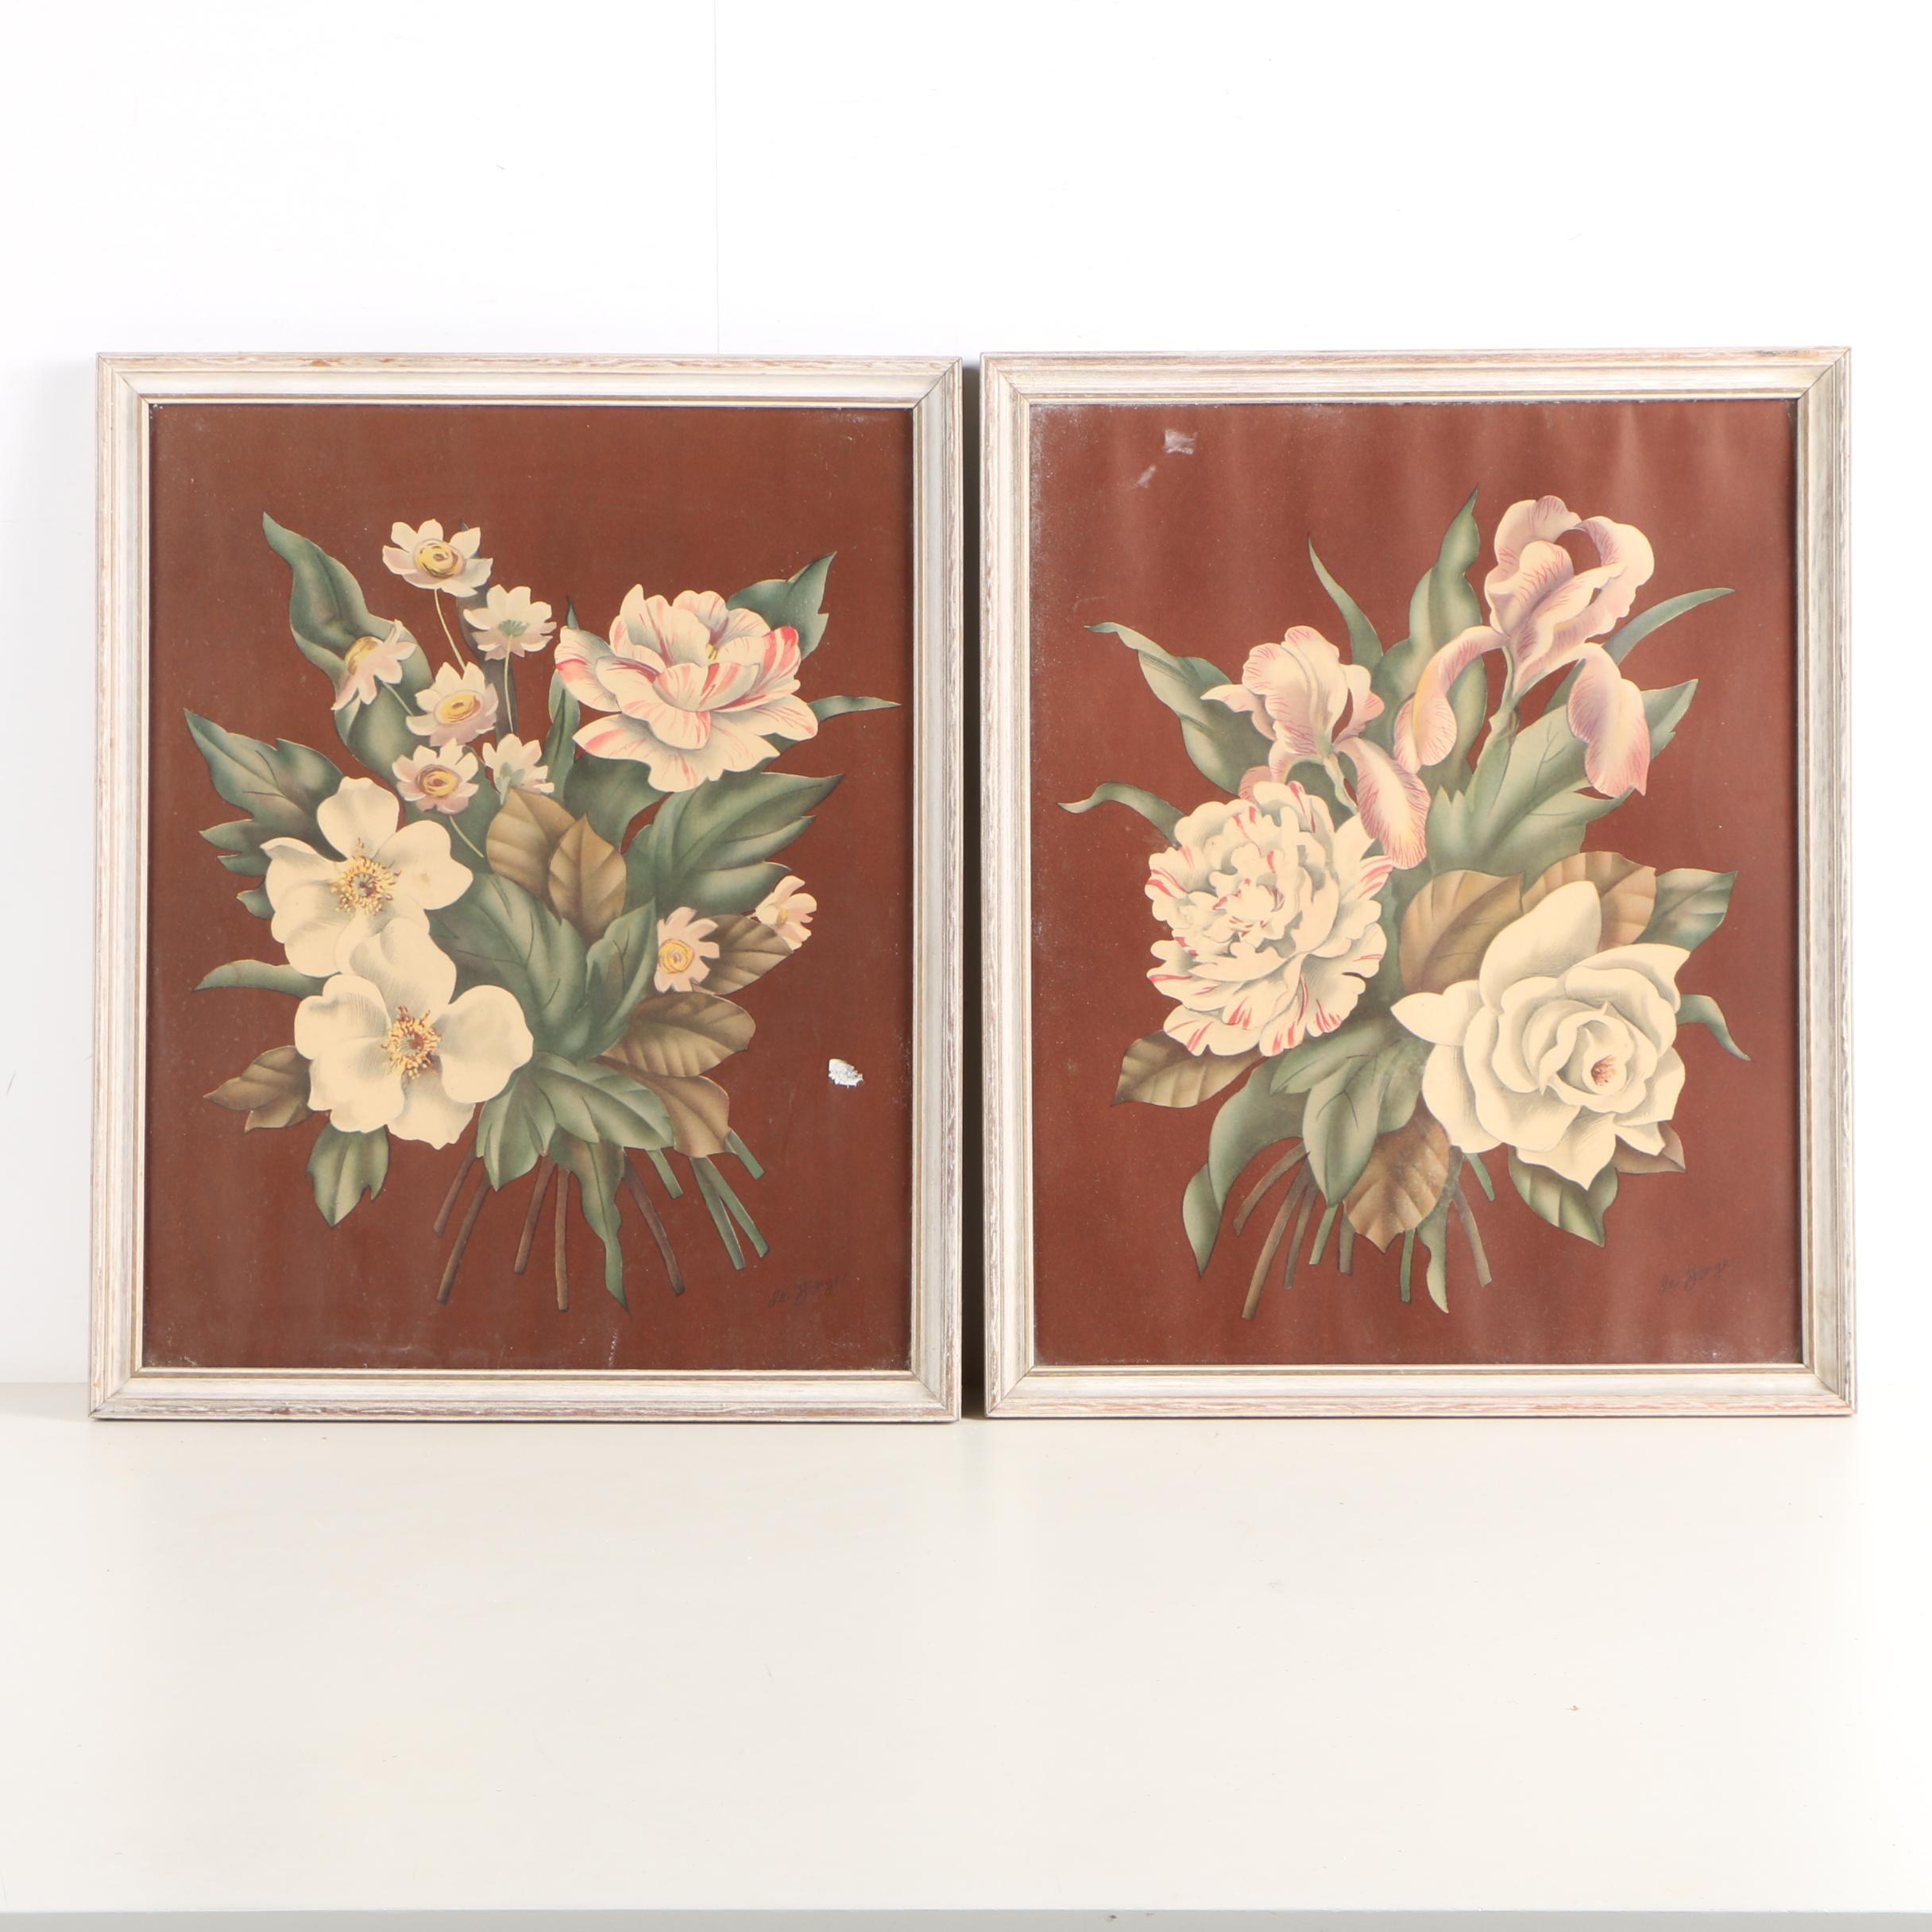 De Jonge Offset Lithographs on Paper of Floral Bouquets